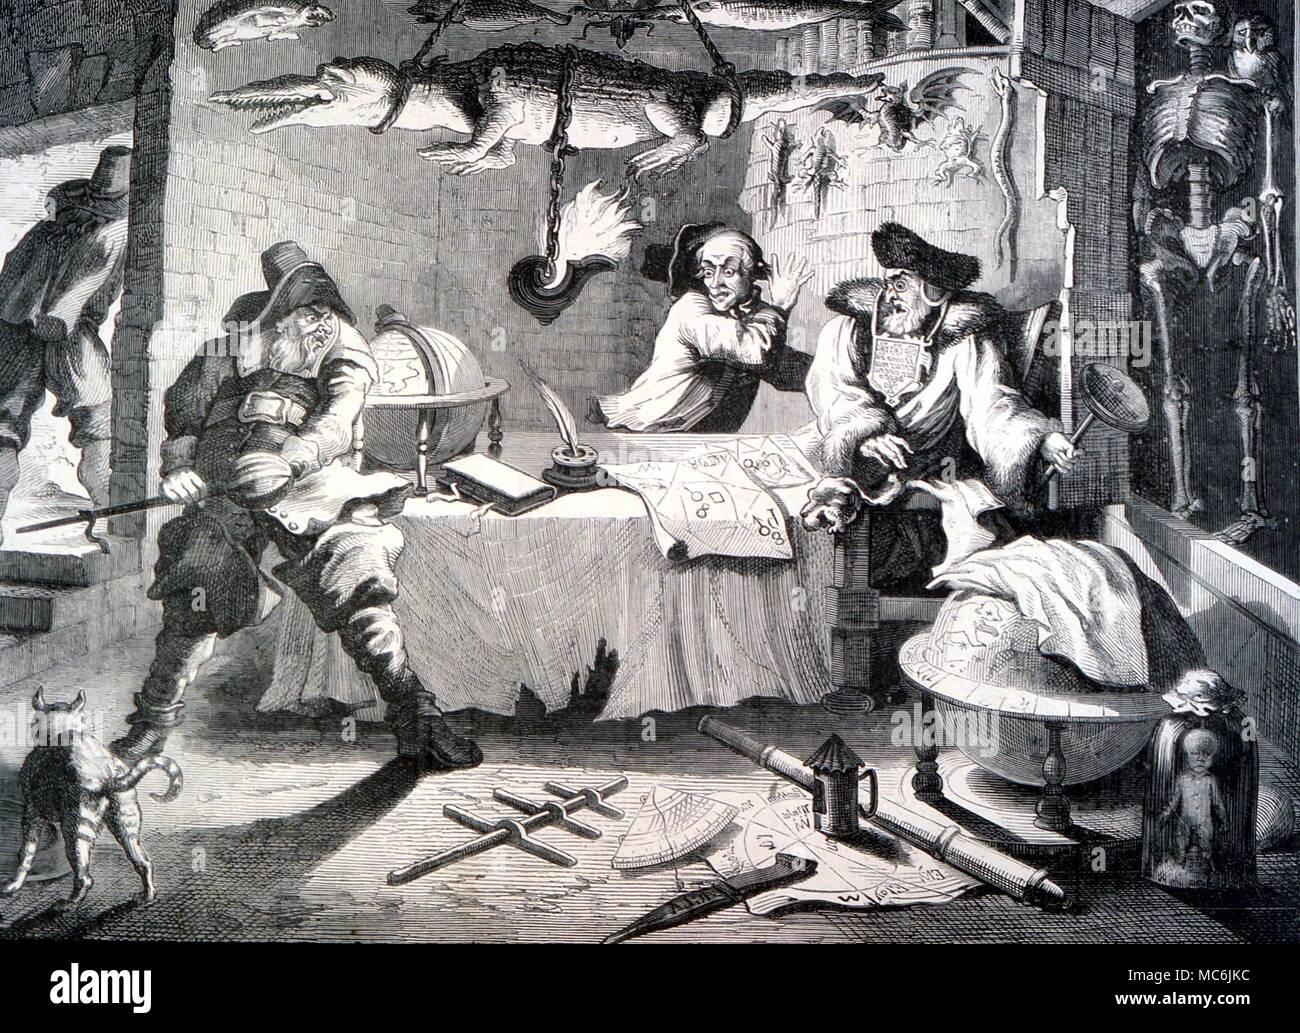 ALCHEMY - HUDIBRAS.  Engraving to samuel Butler's satirical poem (finished 1678) showing Hudbras consulting the quack alchemist-astrologer Sidrophel - Stock Image